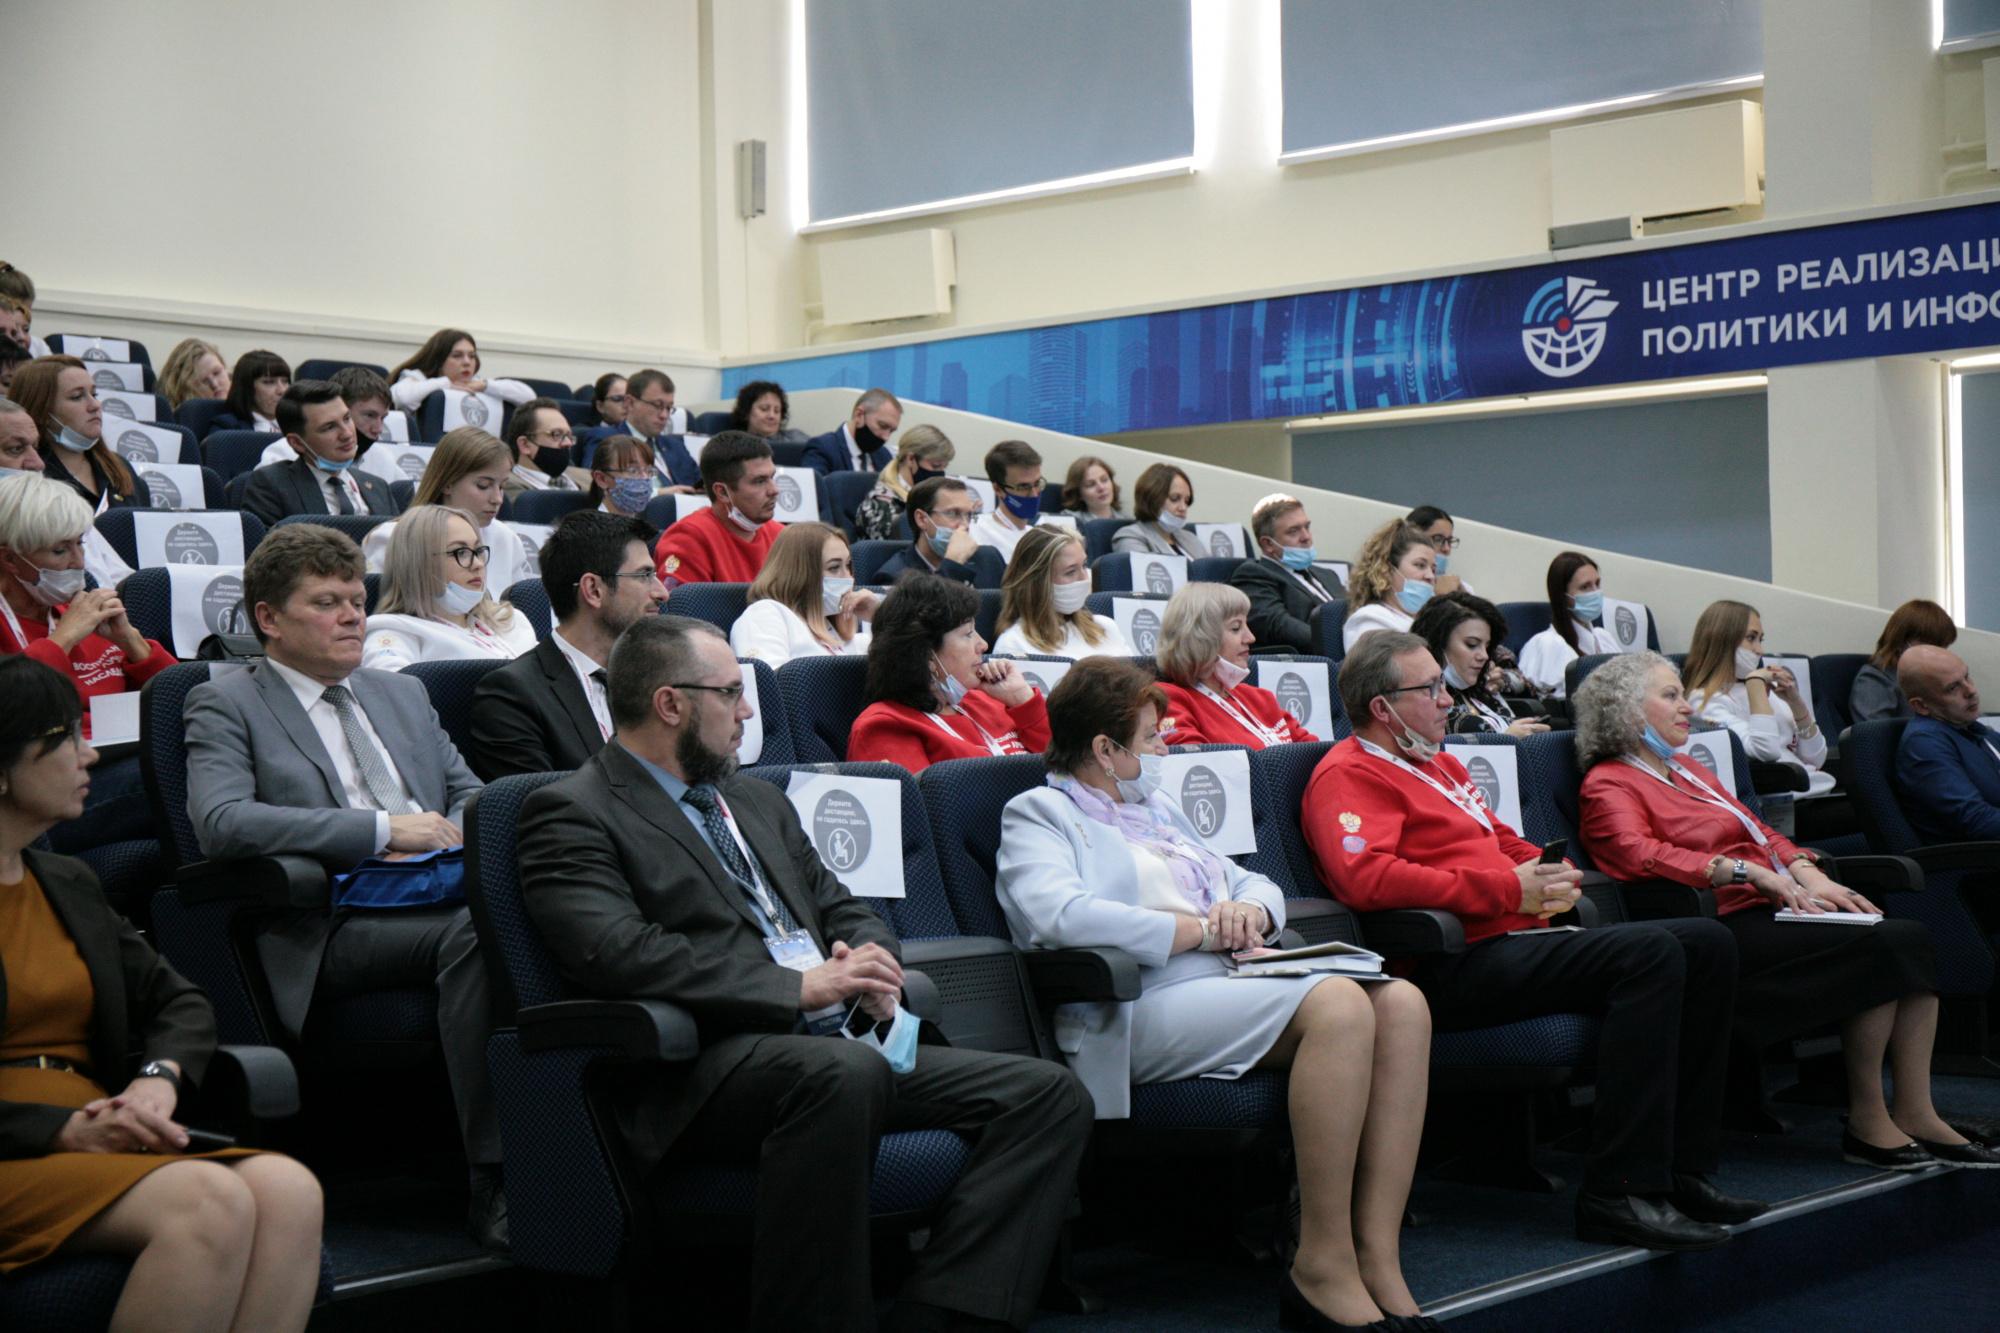 Всероссийском форуме студенческих инициатив педагогических вузов